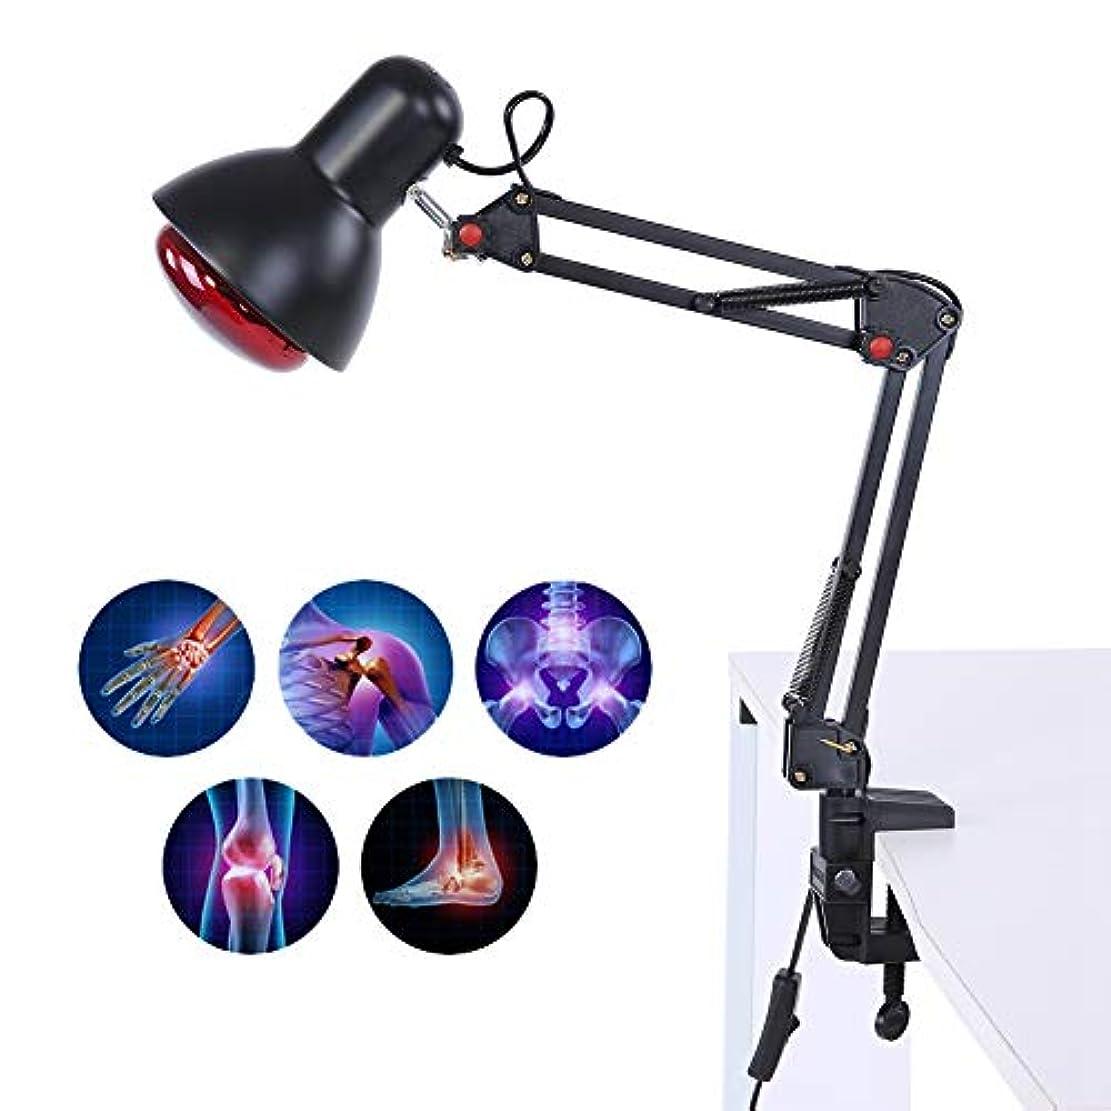 約フォーマルフォーマル赤外線ヒートマッサージランプ、関節の背中の筋肉痛の軽減のためのローリングホイール/クランプ付き調節可能な温度加熱ライトマッサージ(US-PLUG)